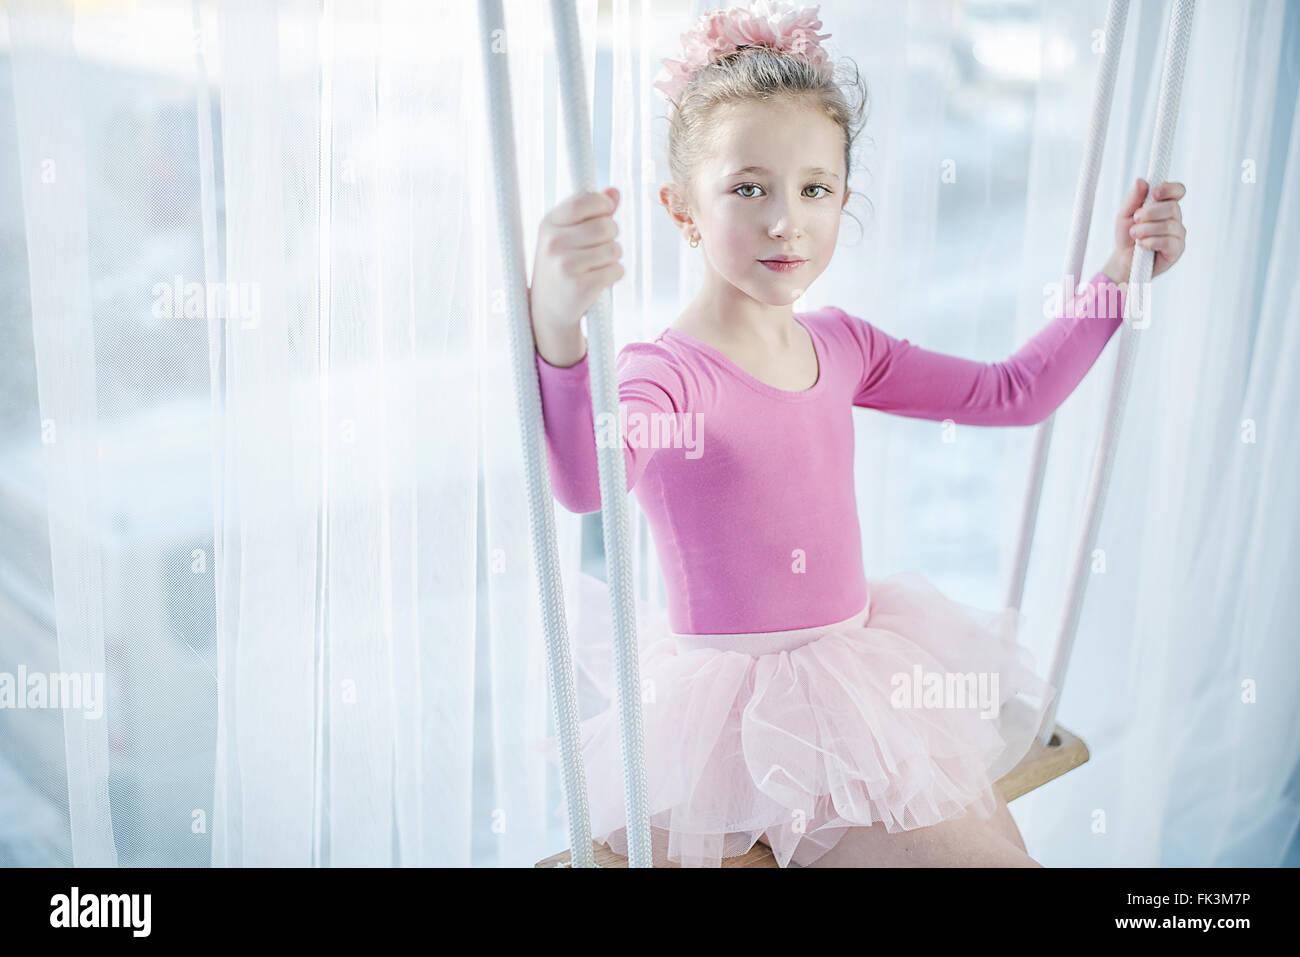 Trauriges kleines Mädchen auf einer Schaukel sitzend Stockbild